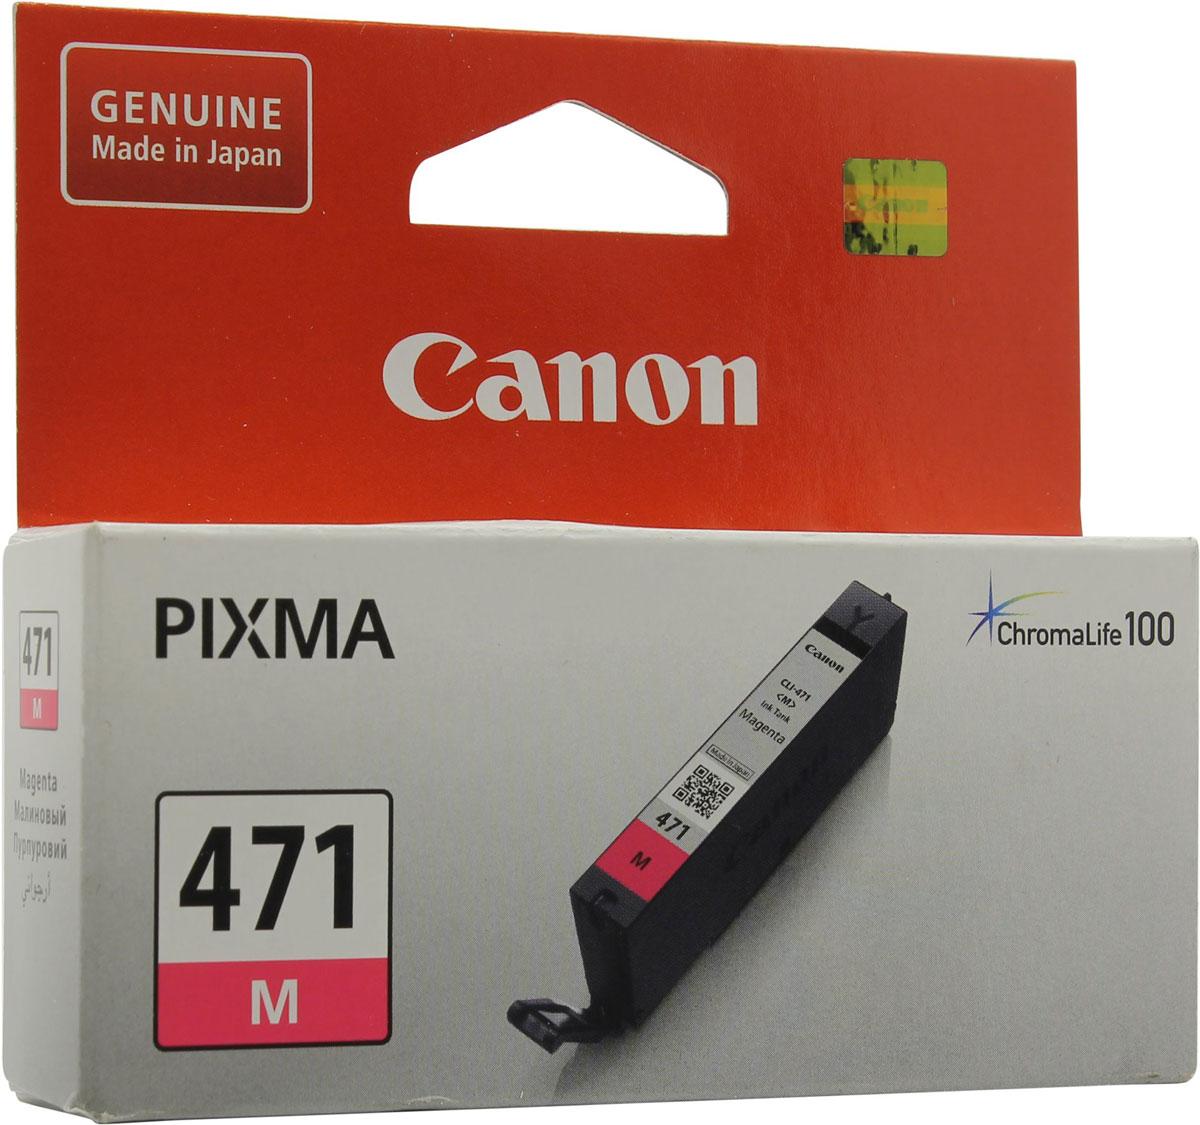 Canon CLI-471, Magenta картридж для Pixma MG5740/6840/77400402C001Картридж Canon CLI-471 содержит пурпурные чернила на основе красителей, которые используются для печати документов на обычной бумаге и обеспечивают четкость текста и долговечность печатных изображений. Благодаря технологии эффективного использования чернил, этот картридж будет долго работать в вашем принтере.